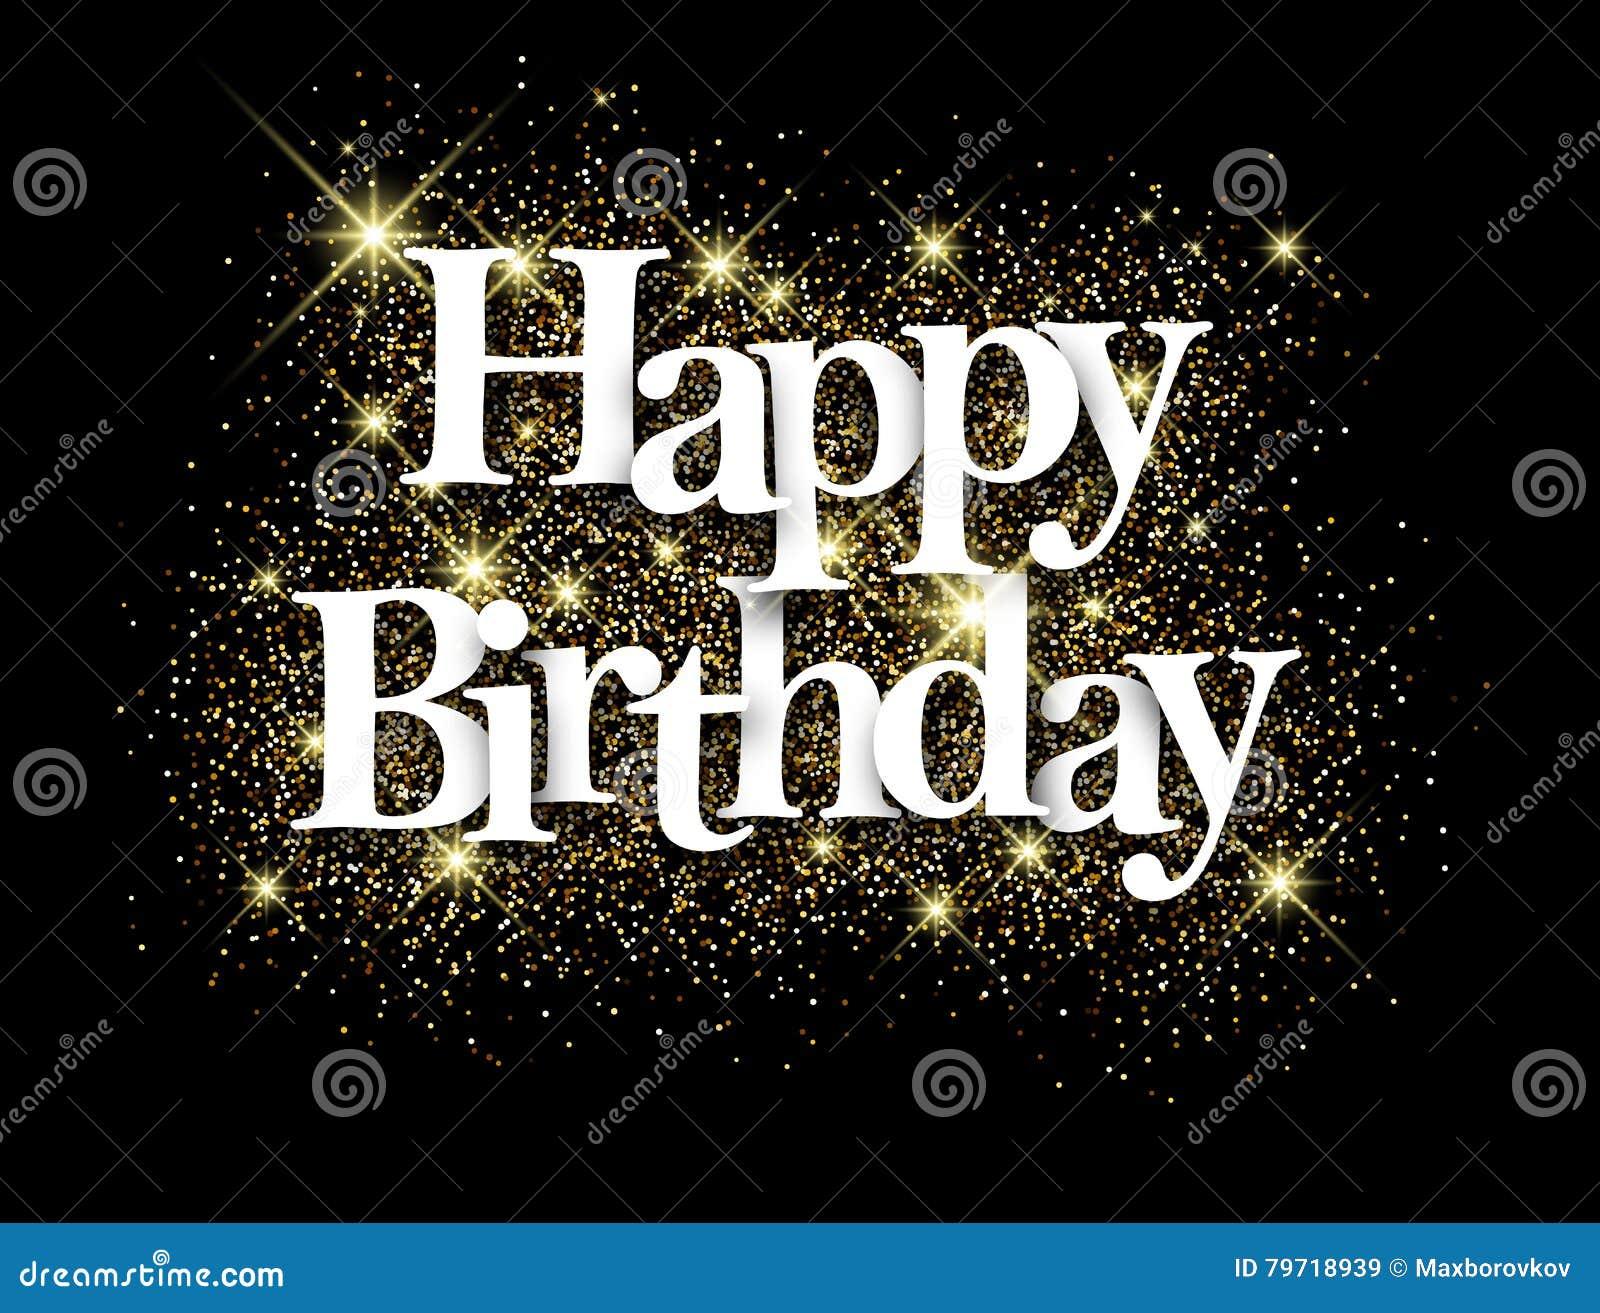 Happy Birthday Black Background Stock Vector